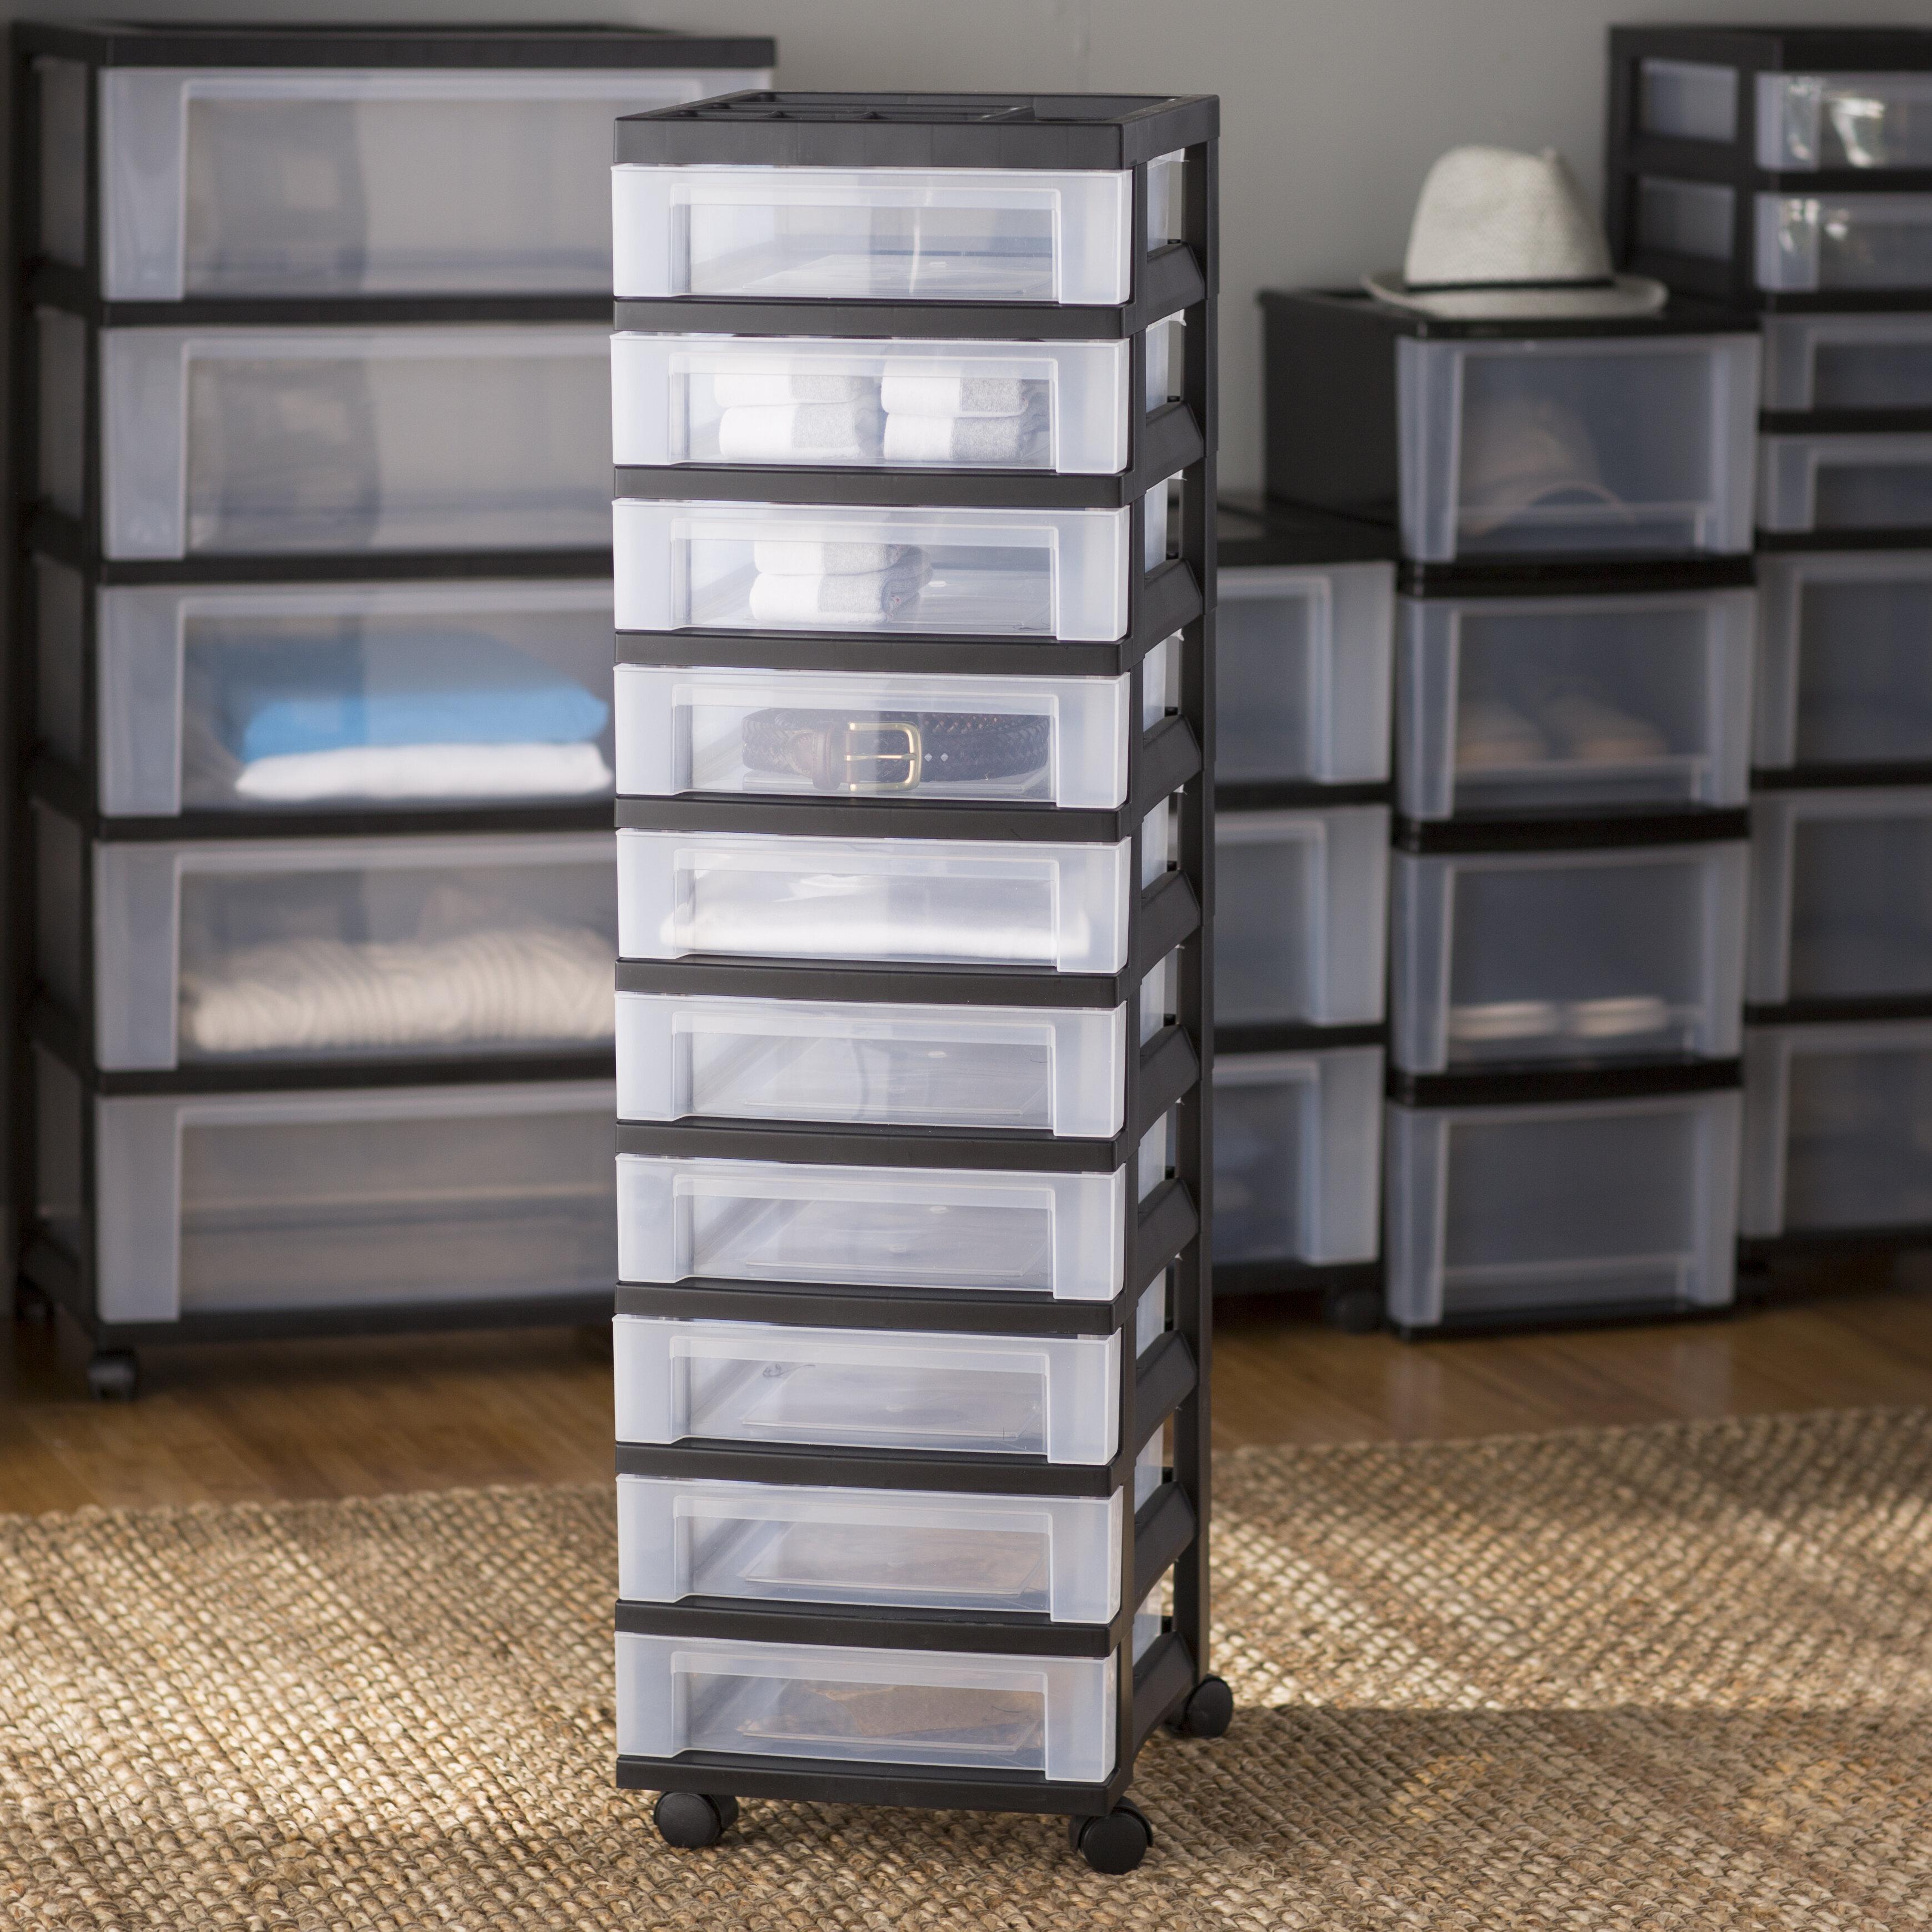 Zita basics 10 drawer storage chest reviews joss main